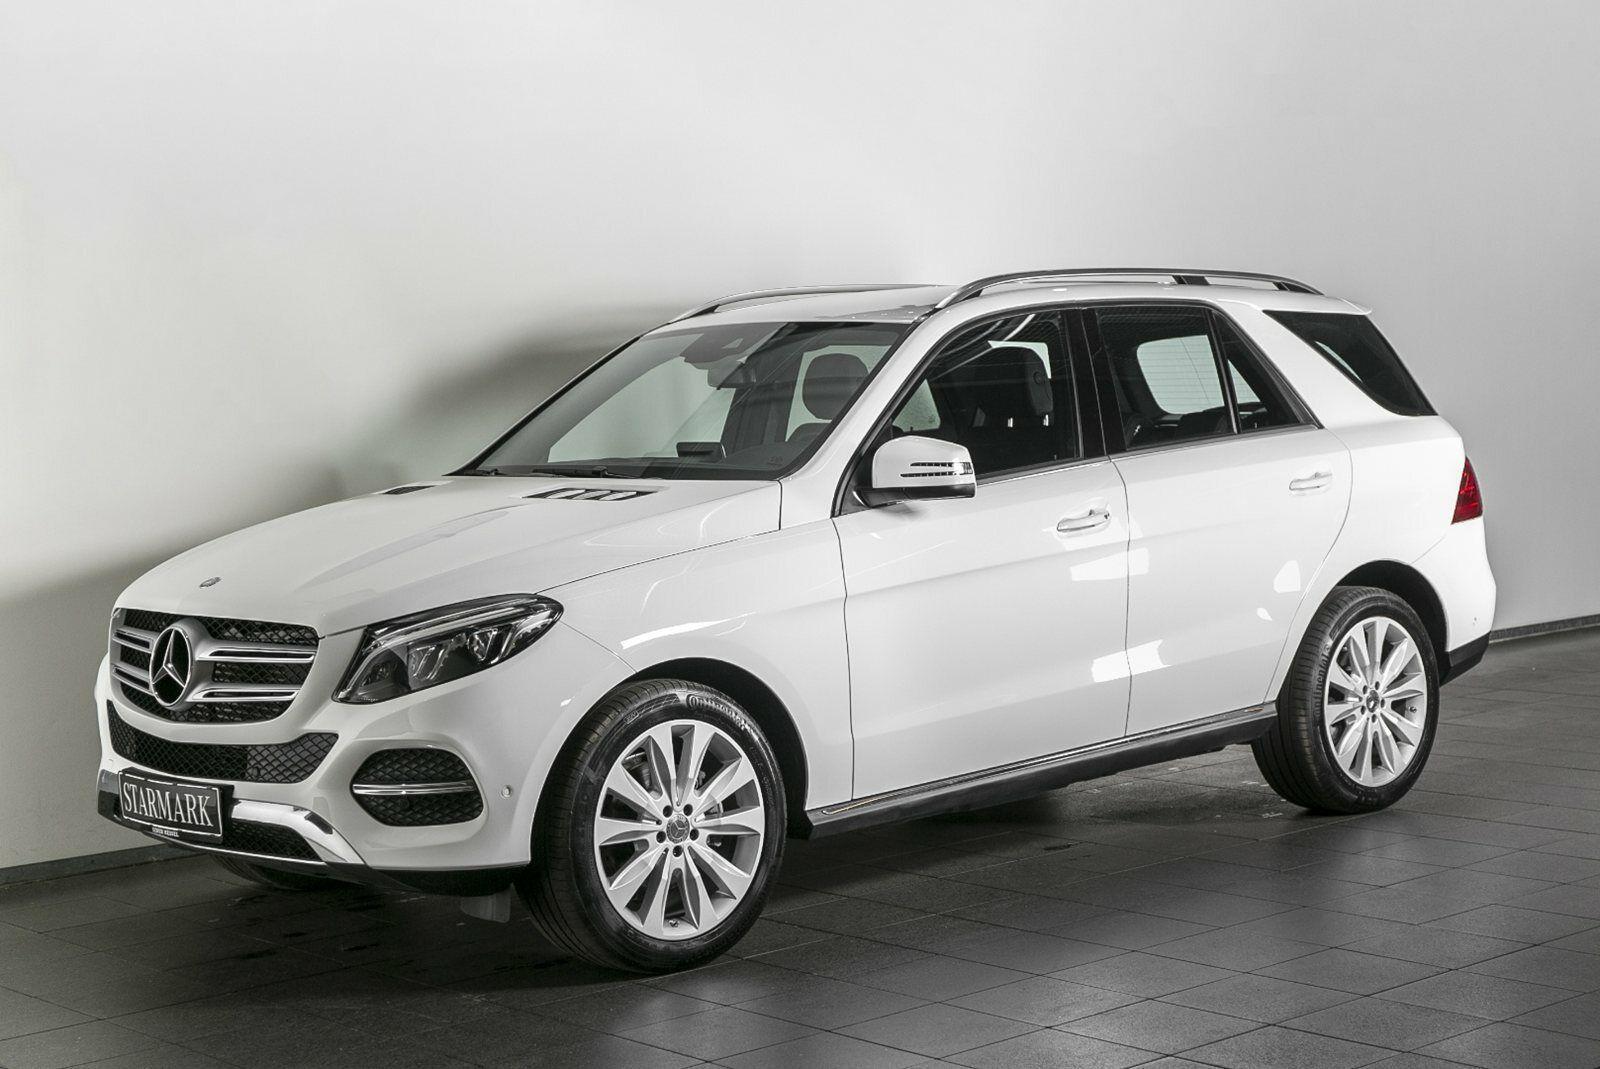 Mercedes GLE350 d 3,0 aut. 4-M 5d - 799.900 kr.